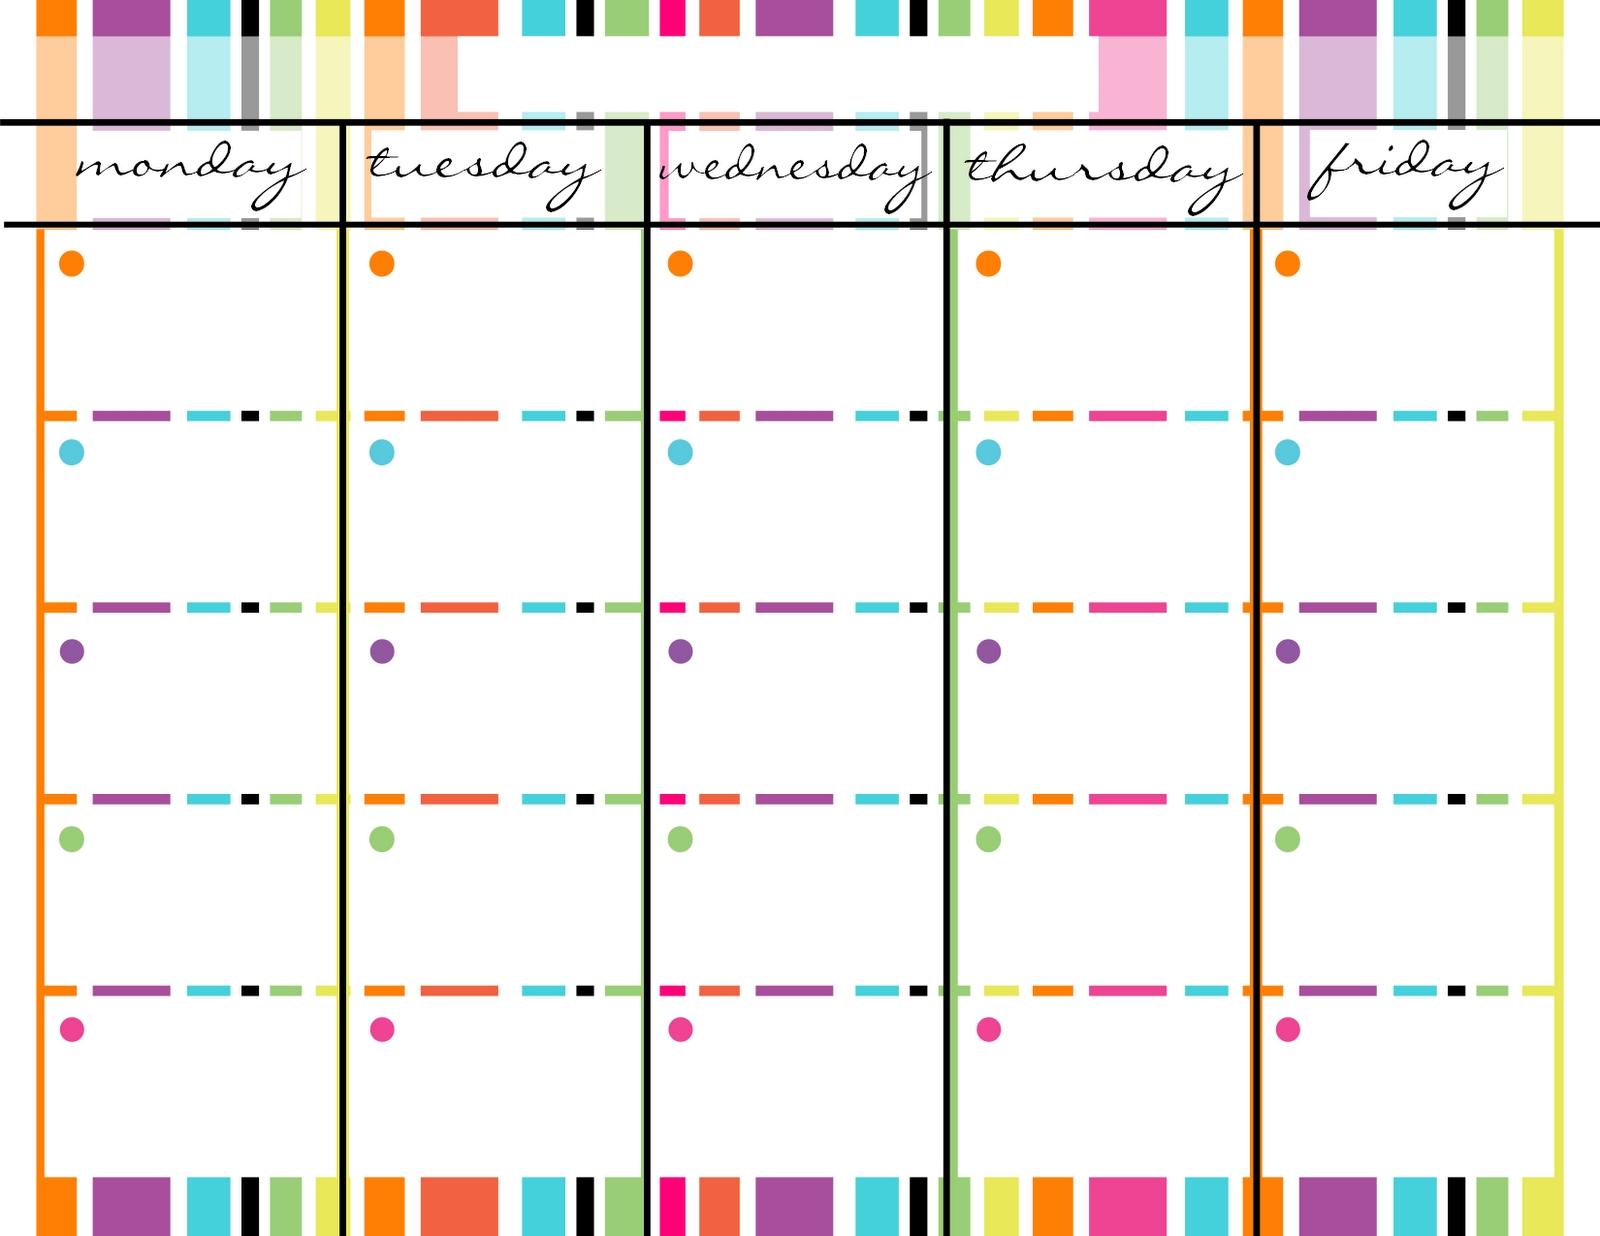 Blank Monday Through Friday Printable Calendar | School-Blank Calendar Monday To Friday